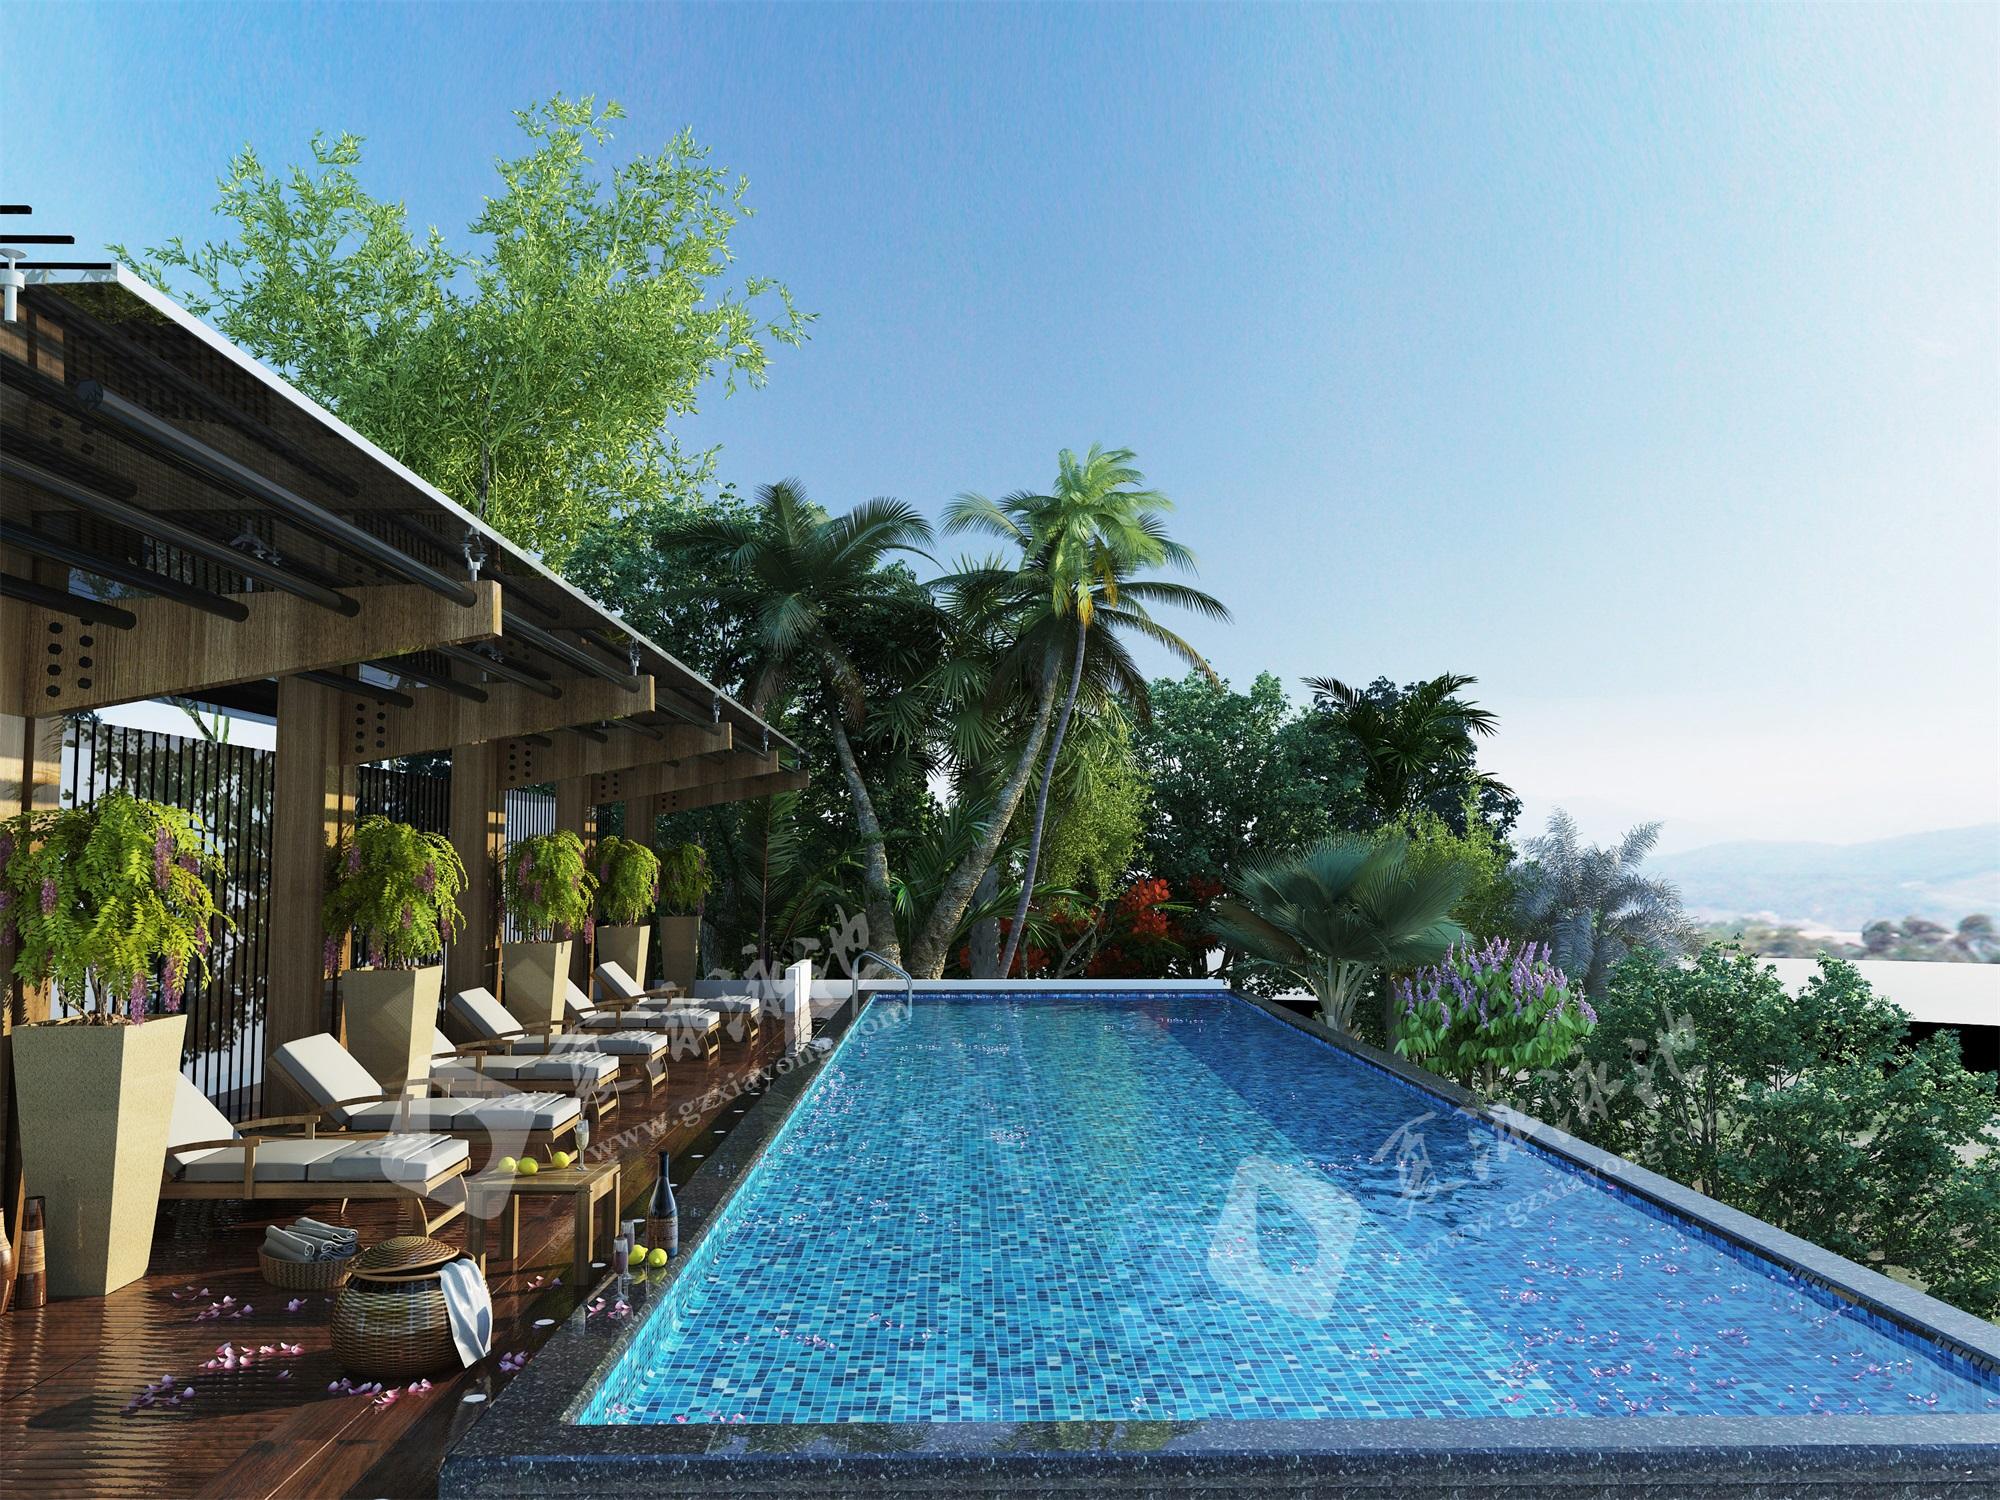 休闲度假旅游海景酒店室外无边际泳池效果展示